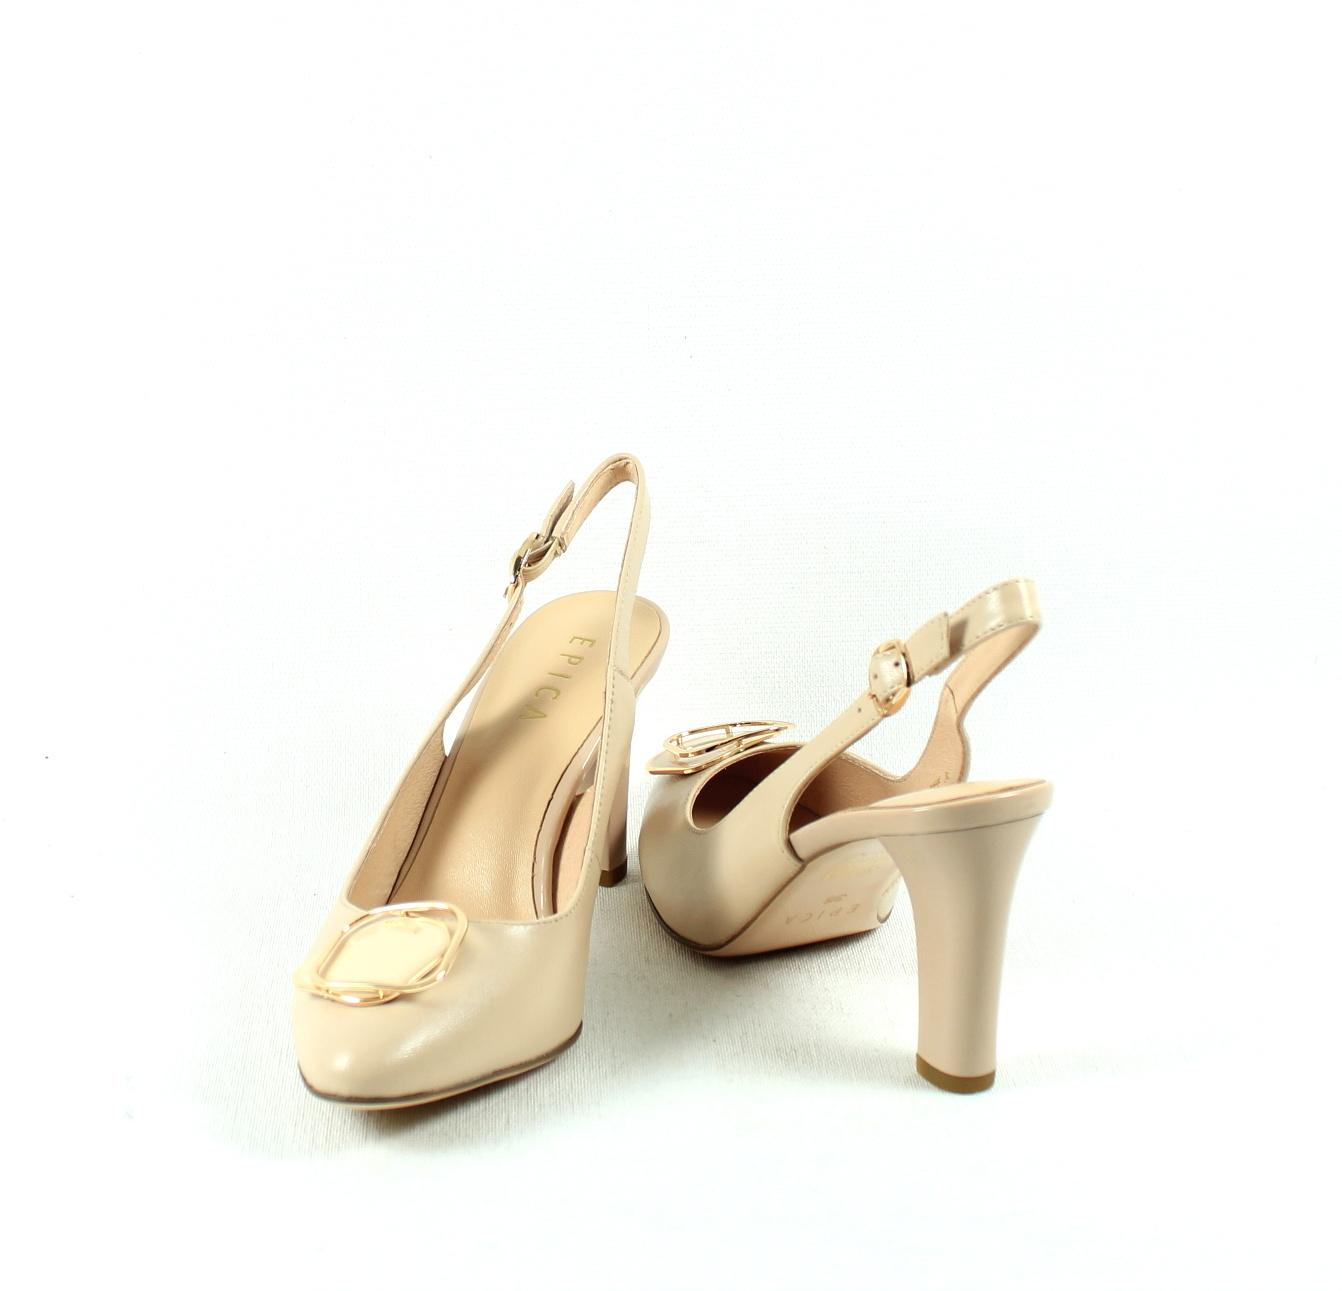 c19d6c4ee625 Dámske sandále EPICA HM4F327-1217-Y969H – Topánky Olympia shoes